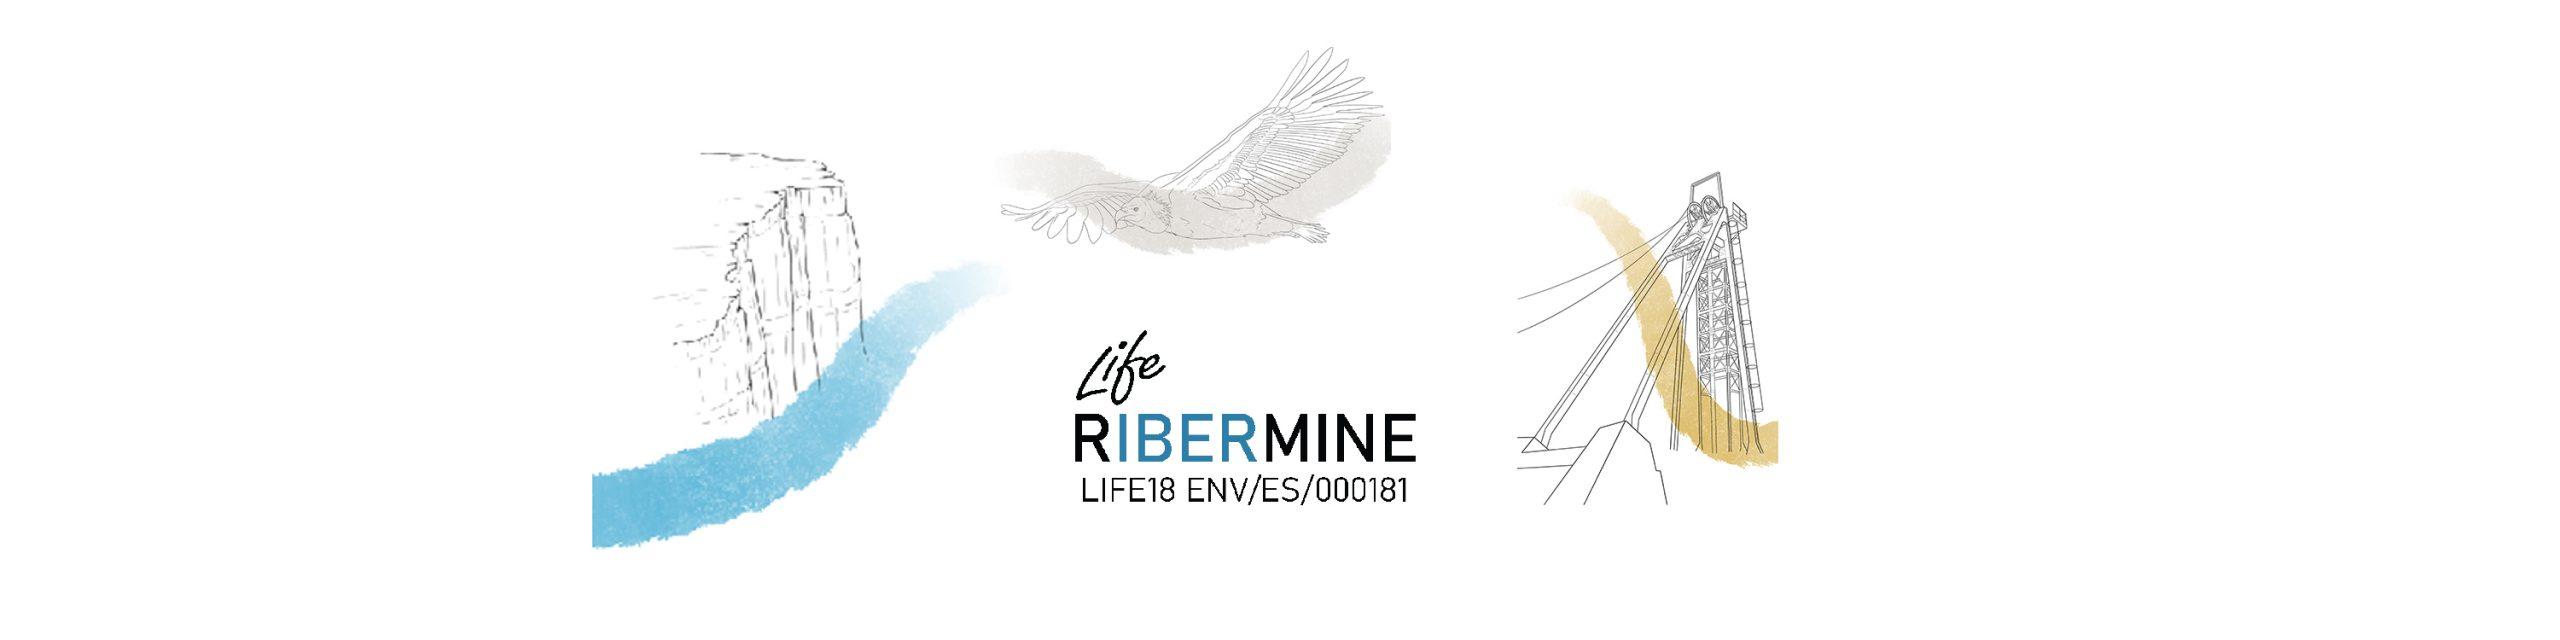 LIFE RIBERMINE é notícia de destaque no Máster de Restauración de Ecosistemas – MURE, na Universidade de Alcalá